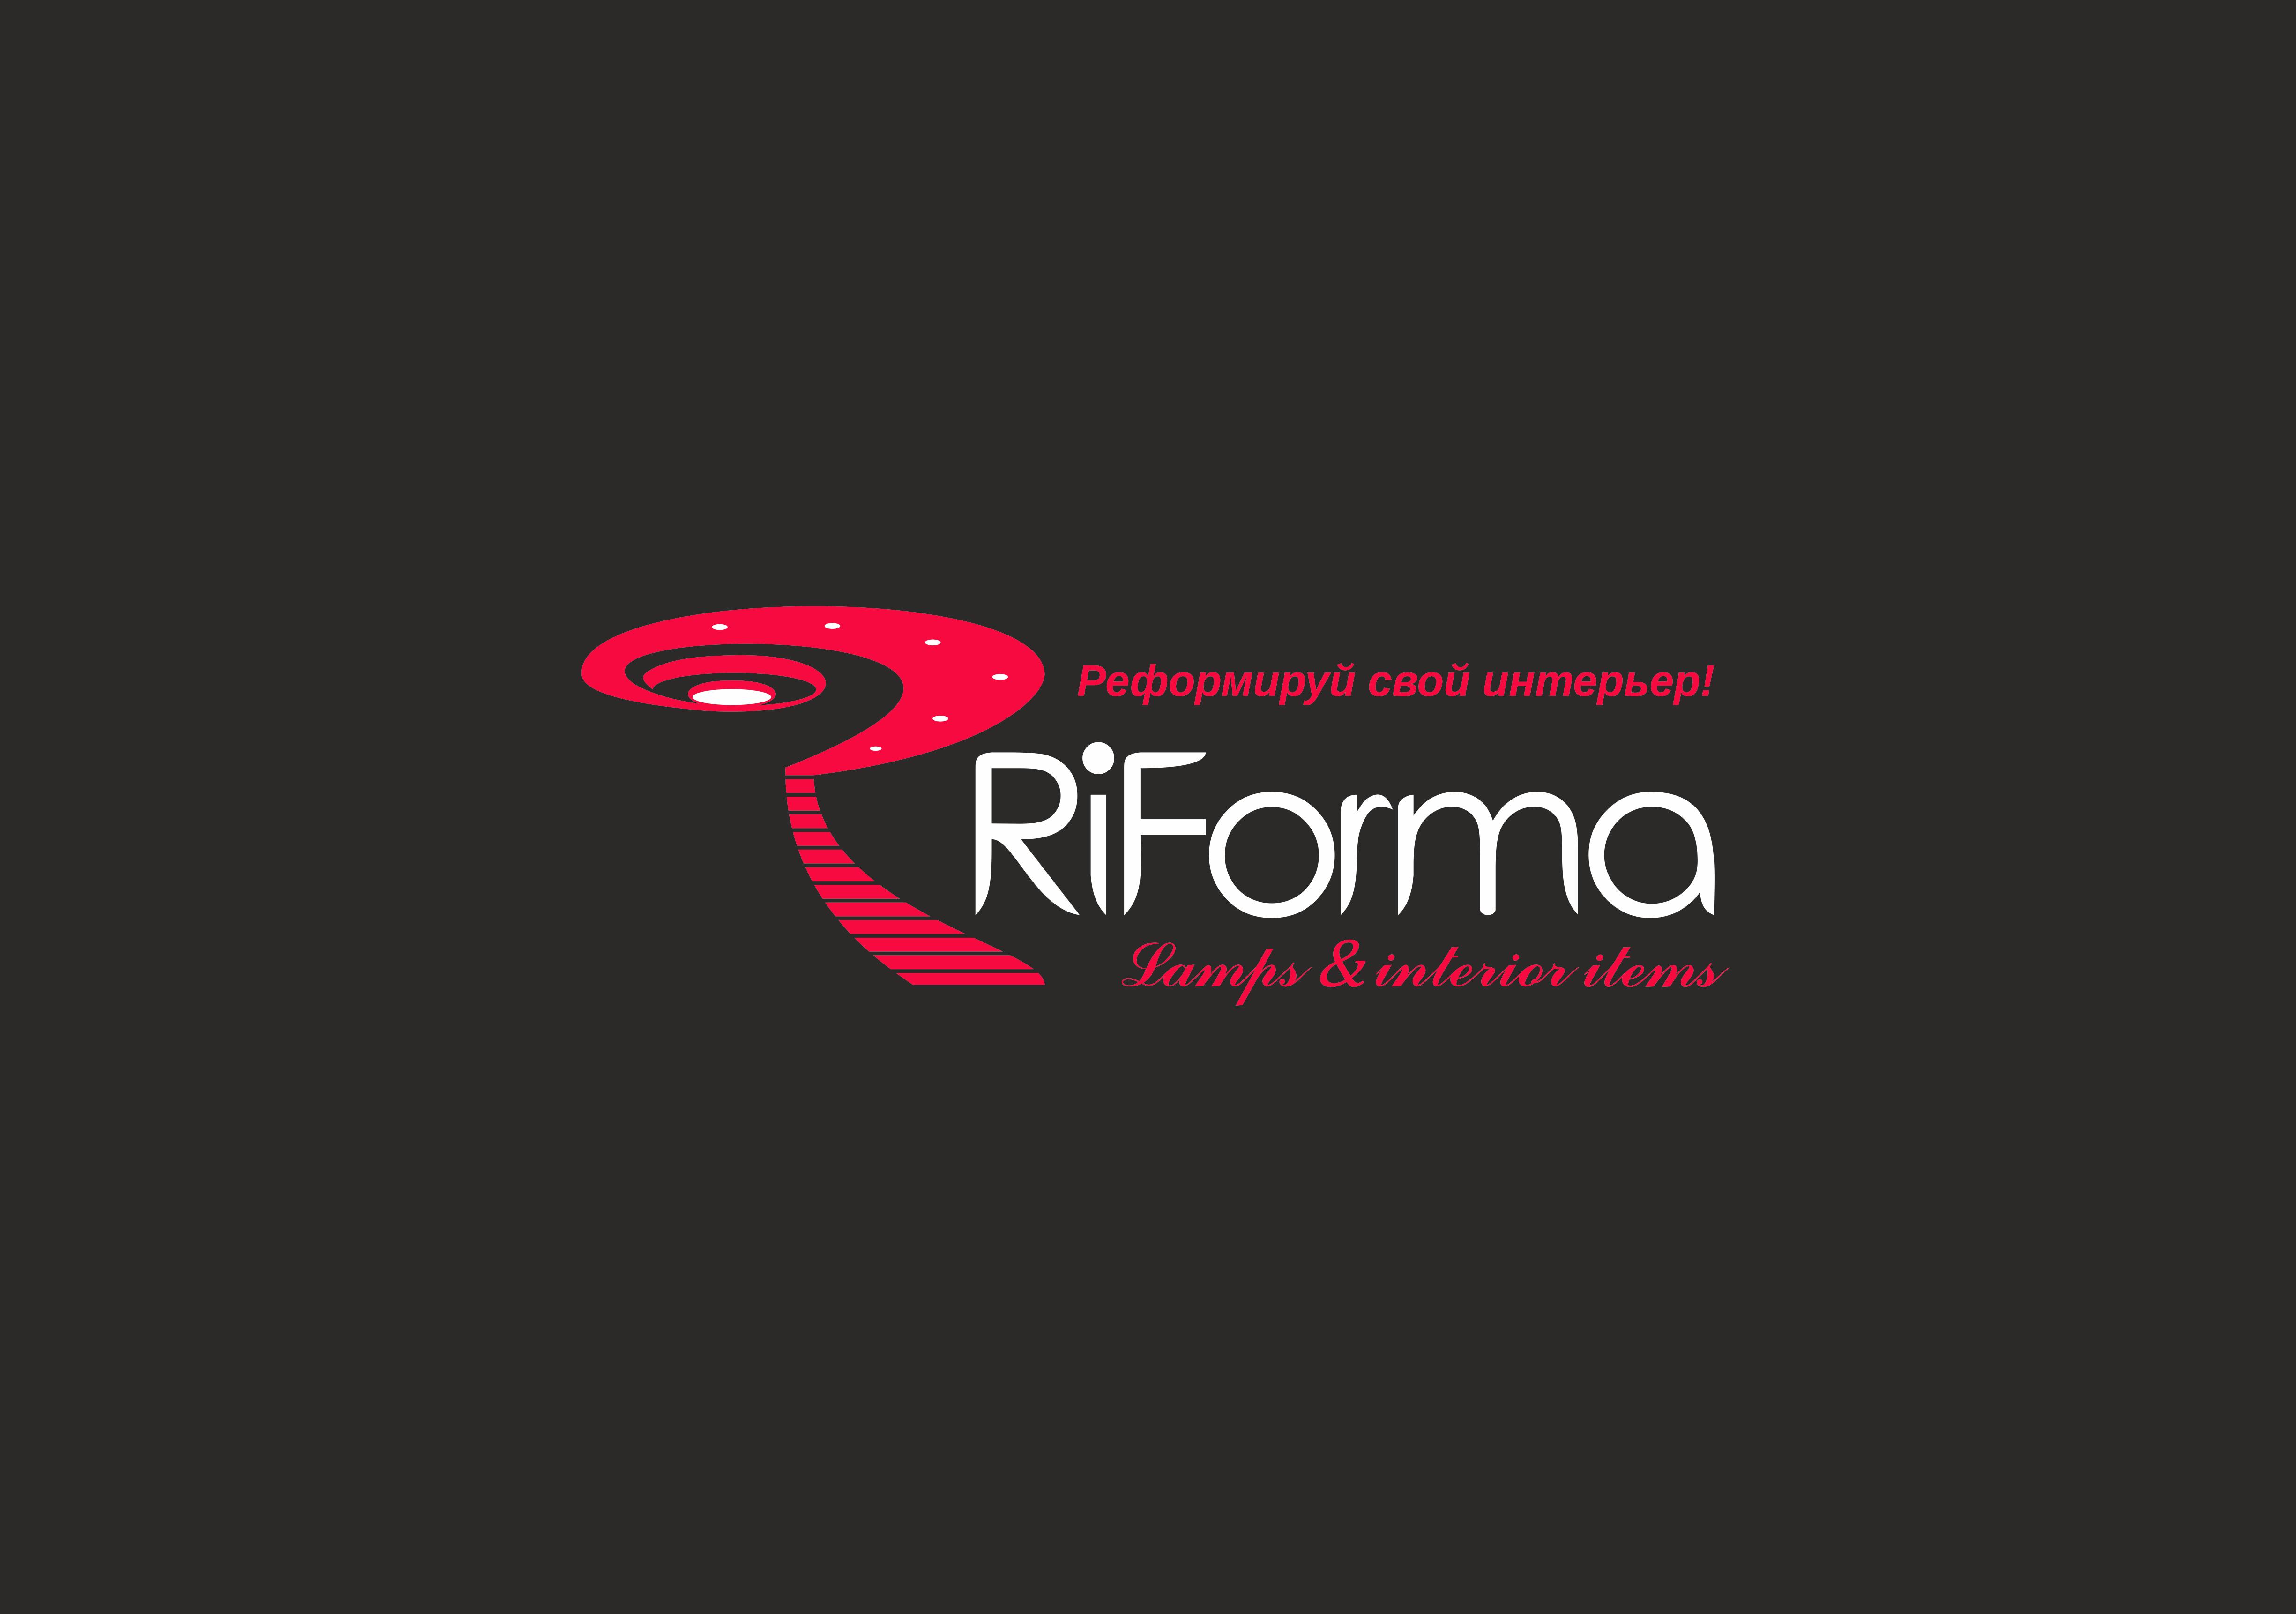 Разработка логотипа и элементов фирменного стиля фото f_45257a06707c64ad.png